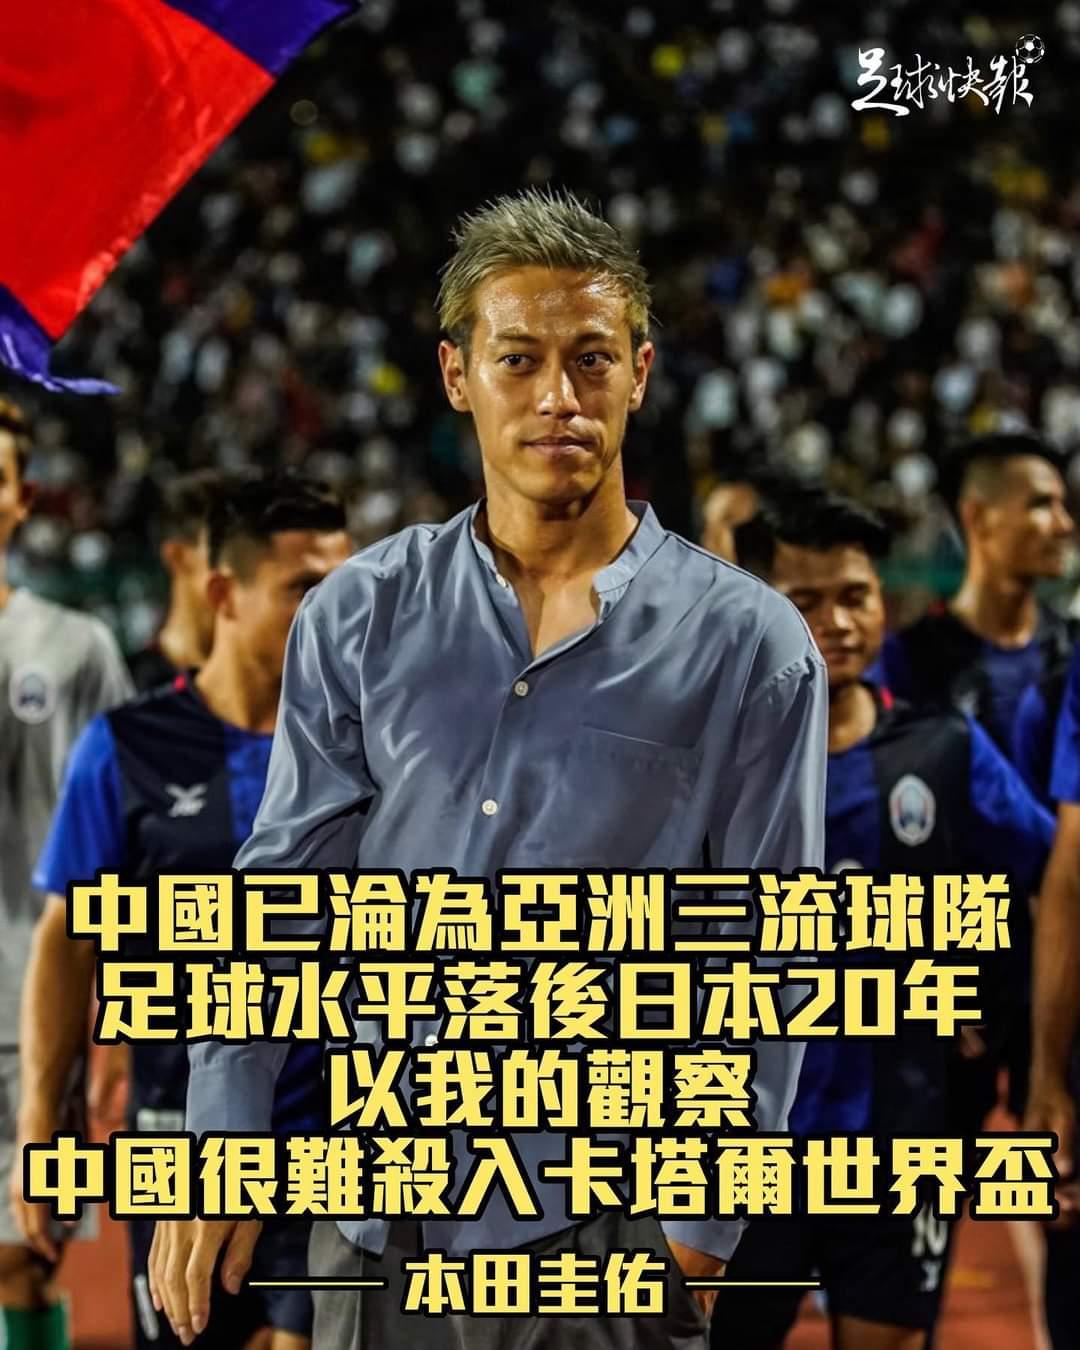 討論】本田圭佑:中國已淪為亞洲三流球隊@場外休憩區哈啦板- 巴哈姆特